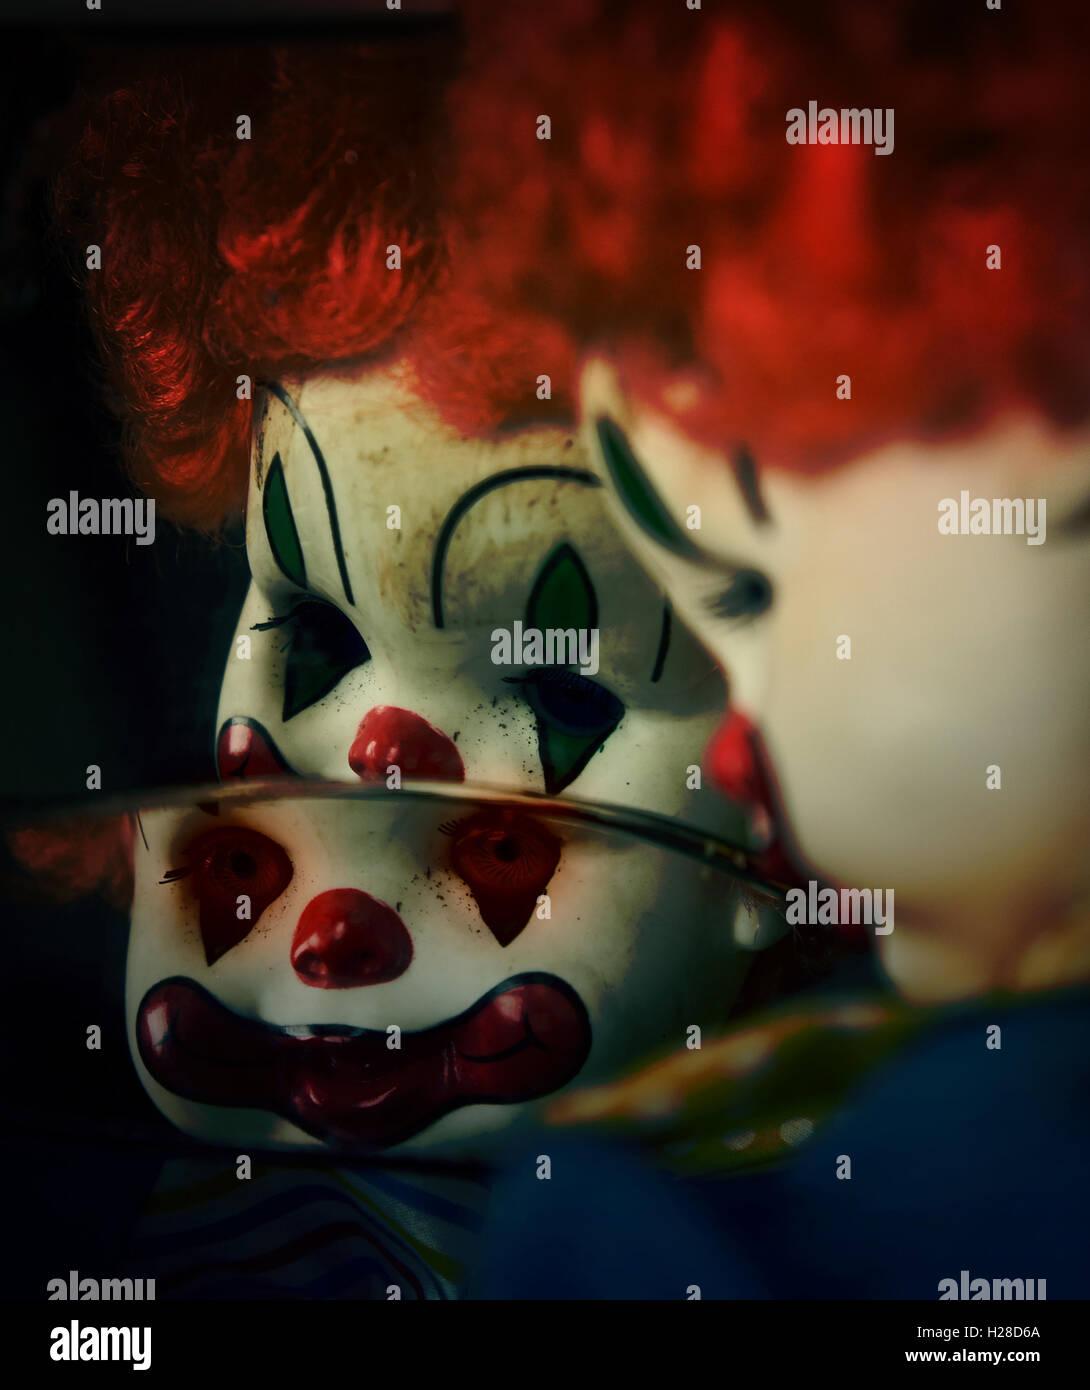 Un gros plan d'un clown maléfique effrayant à la poupée jouet dans un miroir brisé qui pourrait Photo Stock